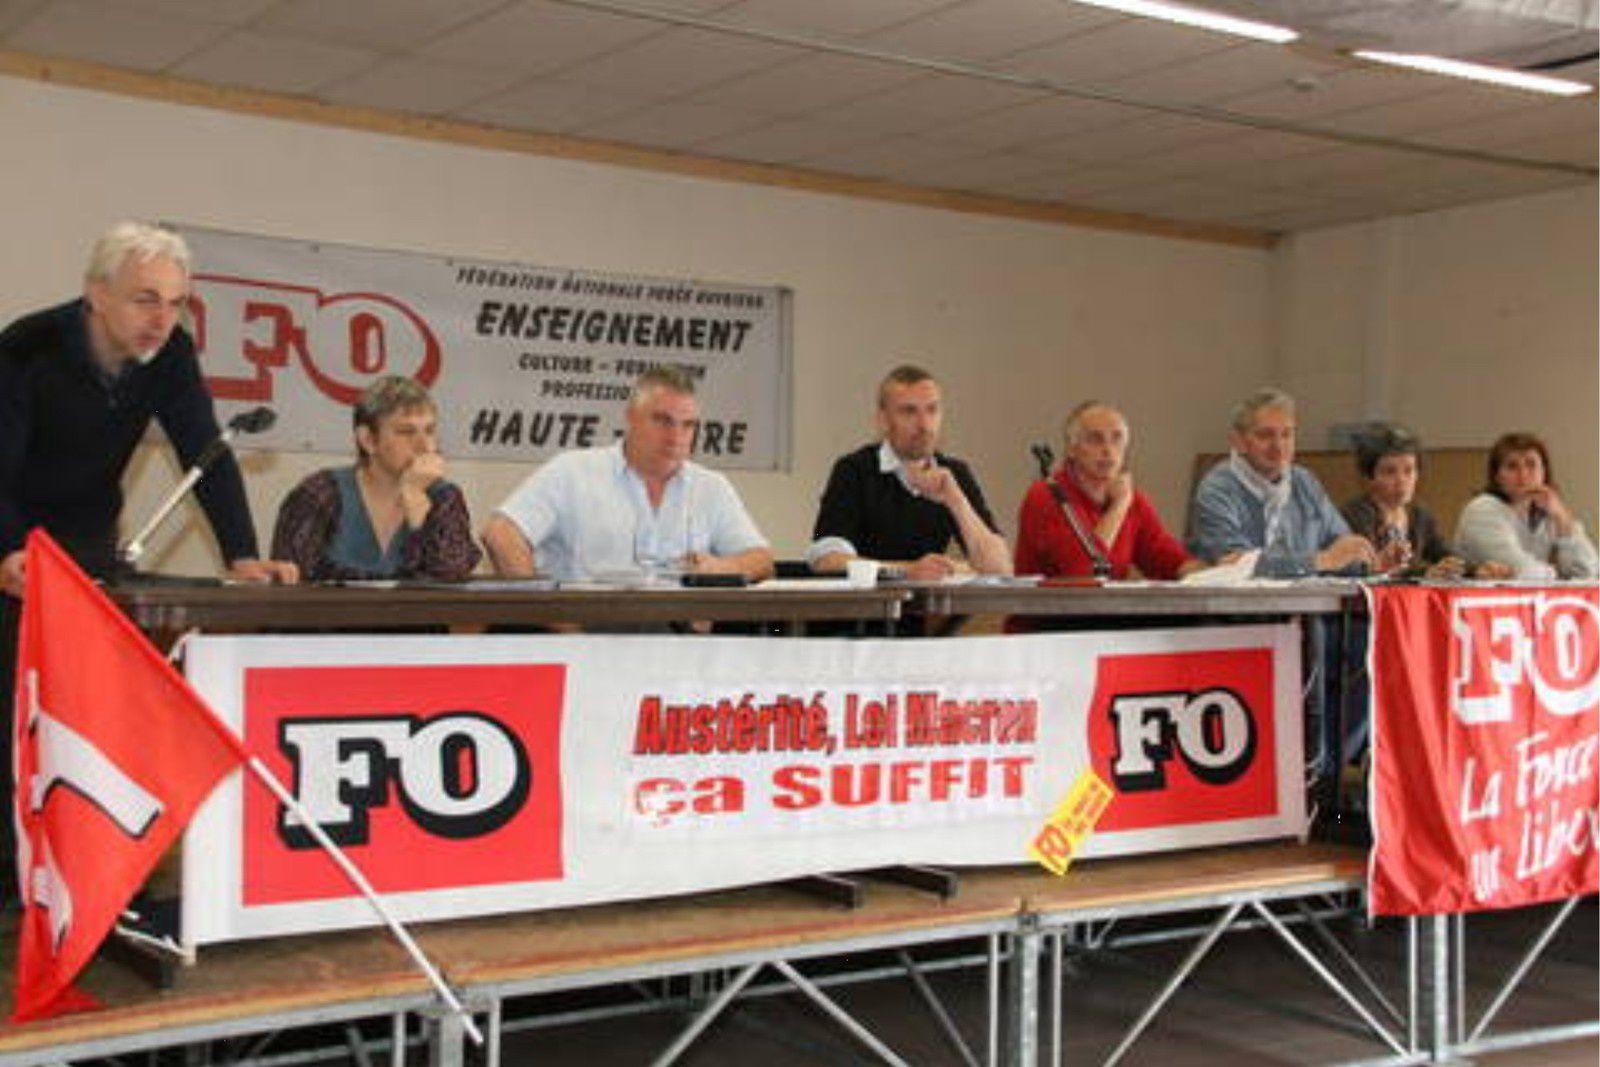 Congrès de la FNEC-FP FO de la Haute Loire : soutien à la grève du 19 mai dans les collèges et appel à son élargissement